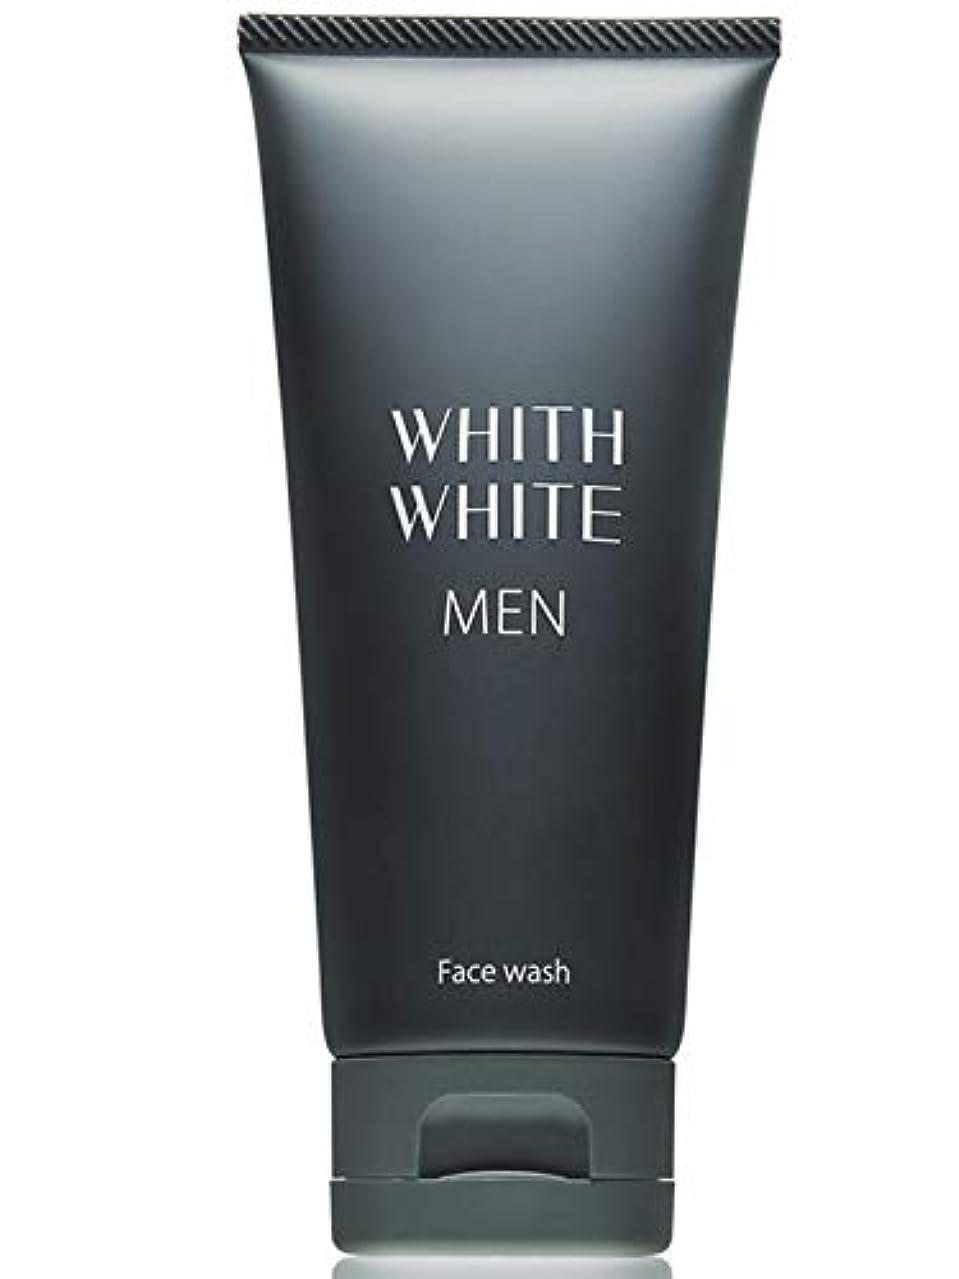 スポット指追い出す洗顔 メンズ 医薬部外品 【 男 の しみ くすみ 対策 】 フィス ホワイト 「 30代~50代の 男性 専用 洗顔フォーム 」「 保湿 ヒアルロン酸 配合 洗顔料 」(男性用 スキンケア 化粧品 )95g